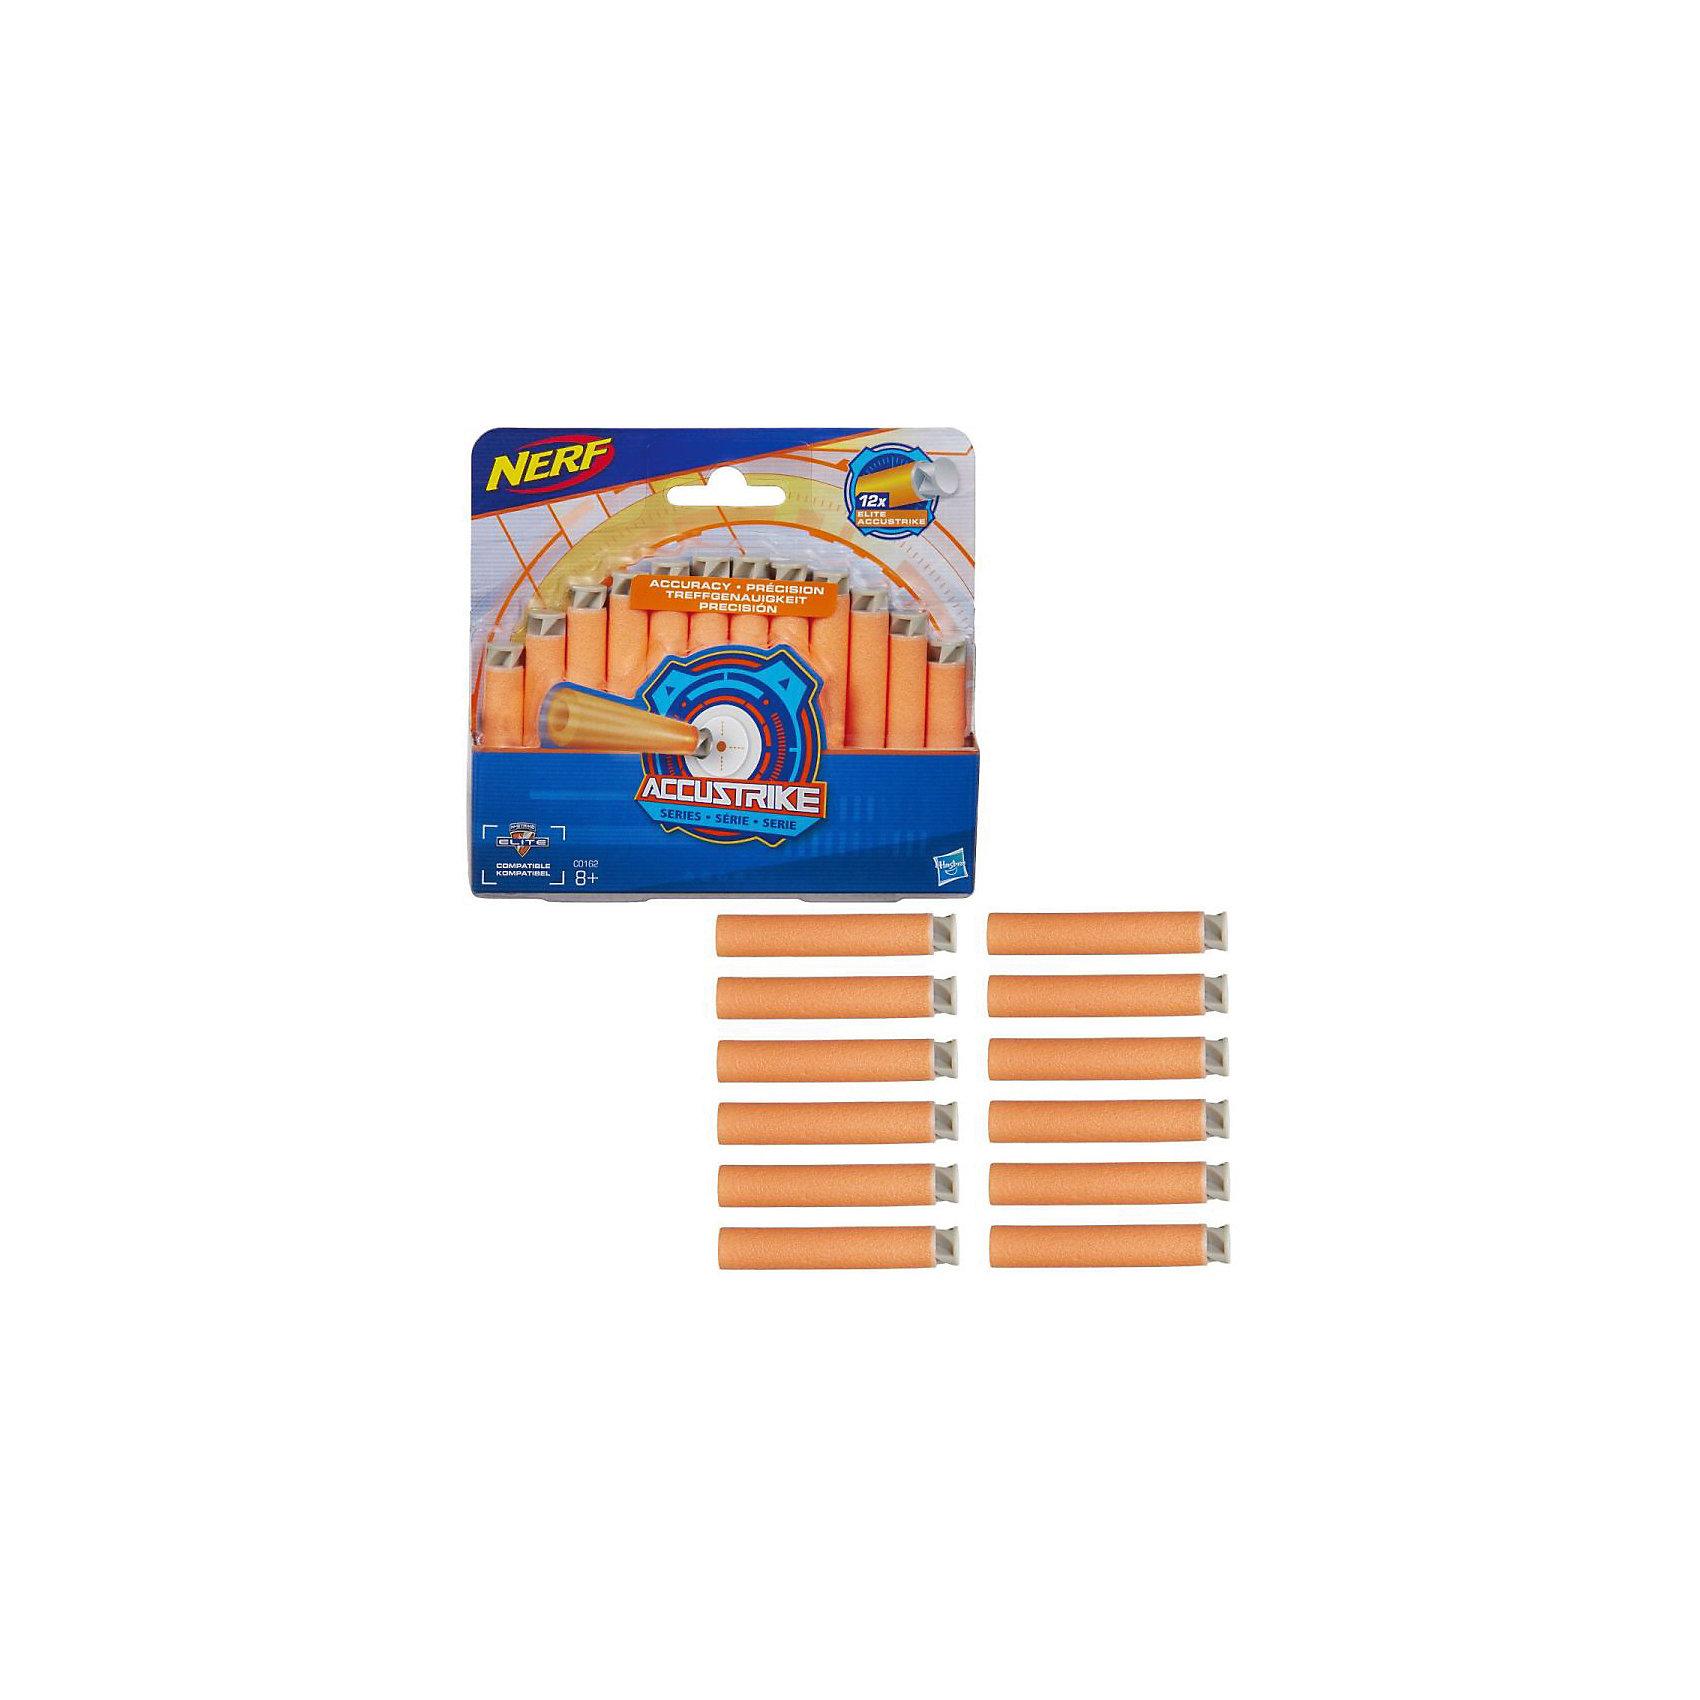 Стрелы Hasbro Nerf Аккустрайк, 12 стрелСюжетно-ролевые игры<br>Характеристики товара:<br><br>• возраст: от 8 лет;<br>• материал: пластик;<br>• в комплекте: 12 стрел;<br>• длина стрелы: 7 см;<br>• размер упаковки: 21,4х15,2х17,3 см;<br>• вес упаковки: 620 гр.;<br>• страна производитель: Китай.<br><br>Стрелы «Аккустрайк» Nerf Hasbro подходят для бластеров Аккустрайк, Модулус, Элит и Зомби Страйк. Они позволят мальчишкам разнообразить игры на свежем воздухе, устроить невероятные космические бои или соревнования на звание самого меткого стрелка. Стрелы выполнены в ярком оранжевом цвете, что позволяет легко найти их на земле или в траве. <br><br>Стрелы «Аккустрайк» Nerf Hasbro C0162 можно приобрести в нашем интернет-магазине.<br><br>Ширина мм: 167<br>Глубина мм: 154<br>Высота мм: 27<br>Вес г: 48<br>Возраст от месяцев: 96<br>Возраст до месяцев: 2147483647<br>Пол: Мужской<br>Возраст: Детский<br>SKU: 5104318